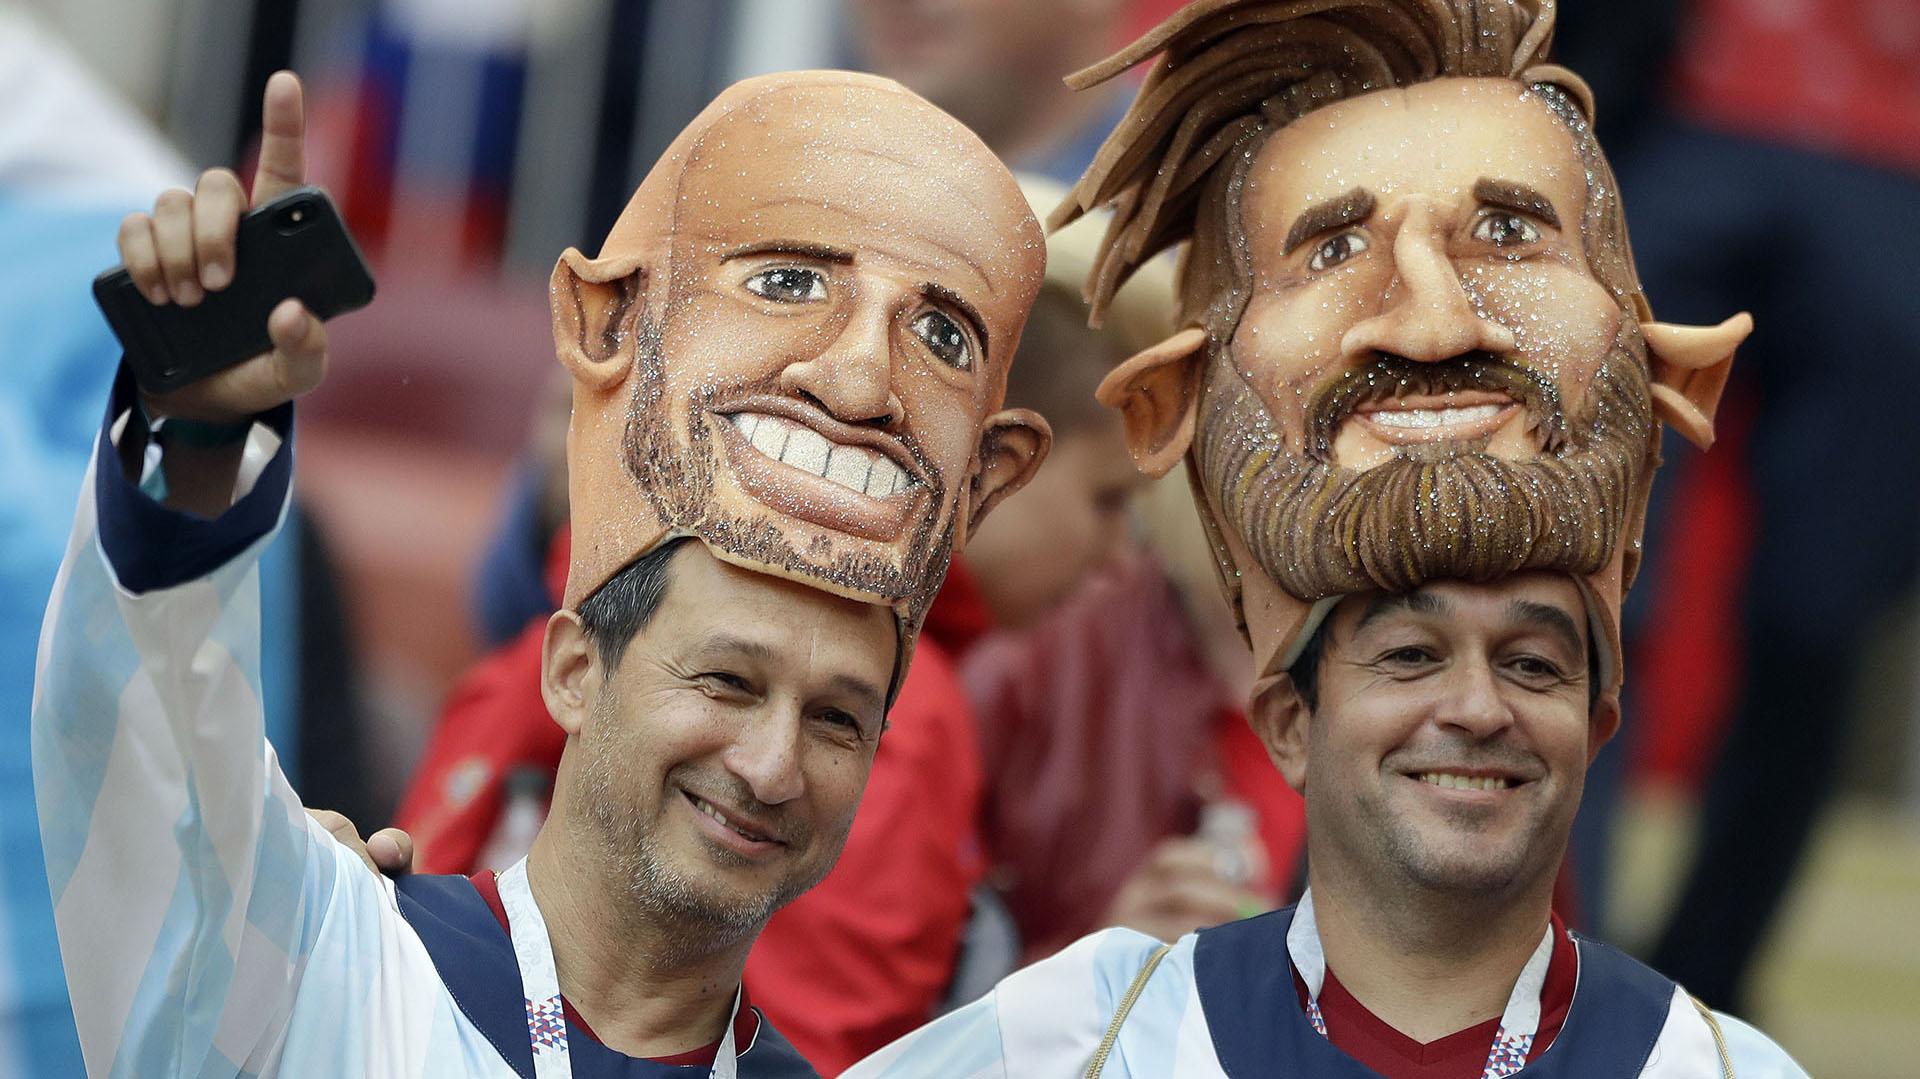 Dos hinchas argentinos en la ceremonia de inauguración del Mundial lucen las caretas de Mascherano y Messi(AP Photo/Matthias Schrader)